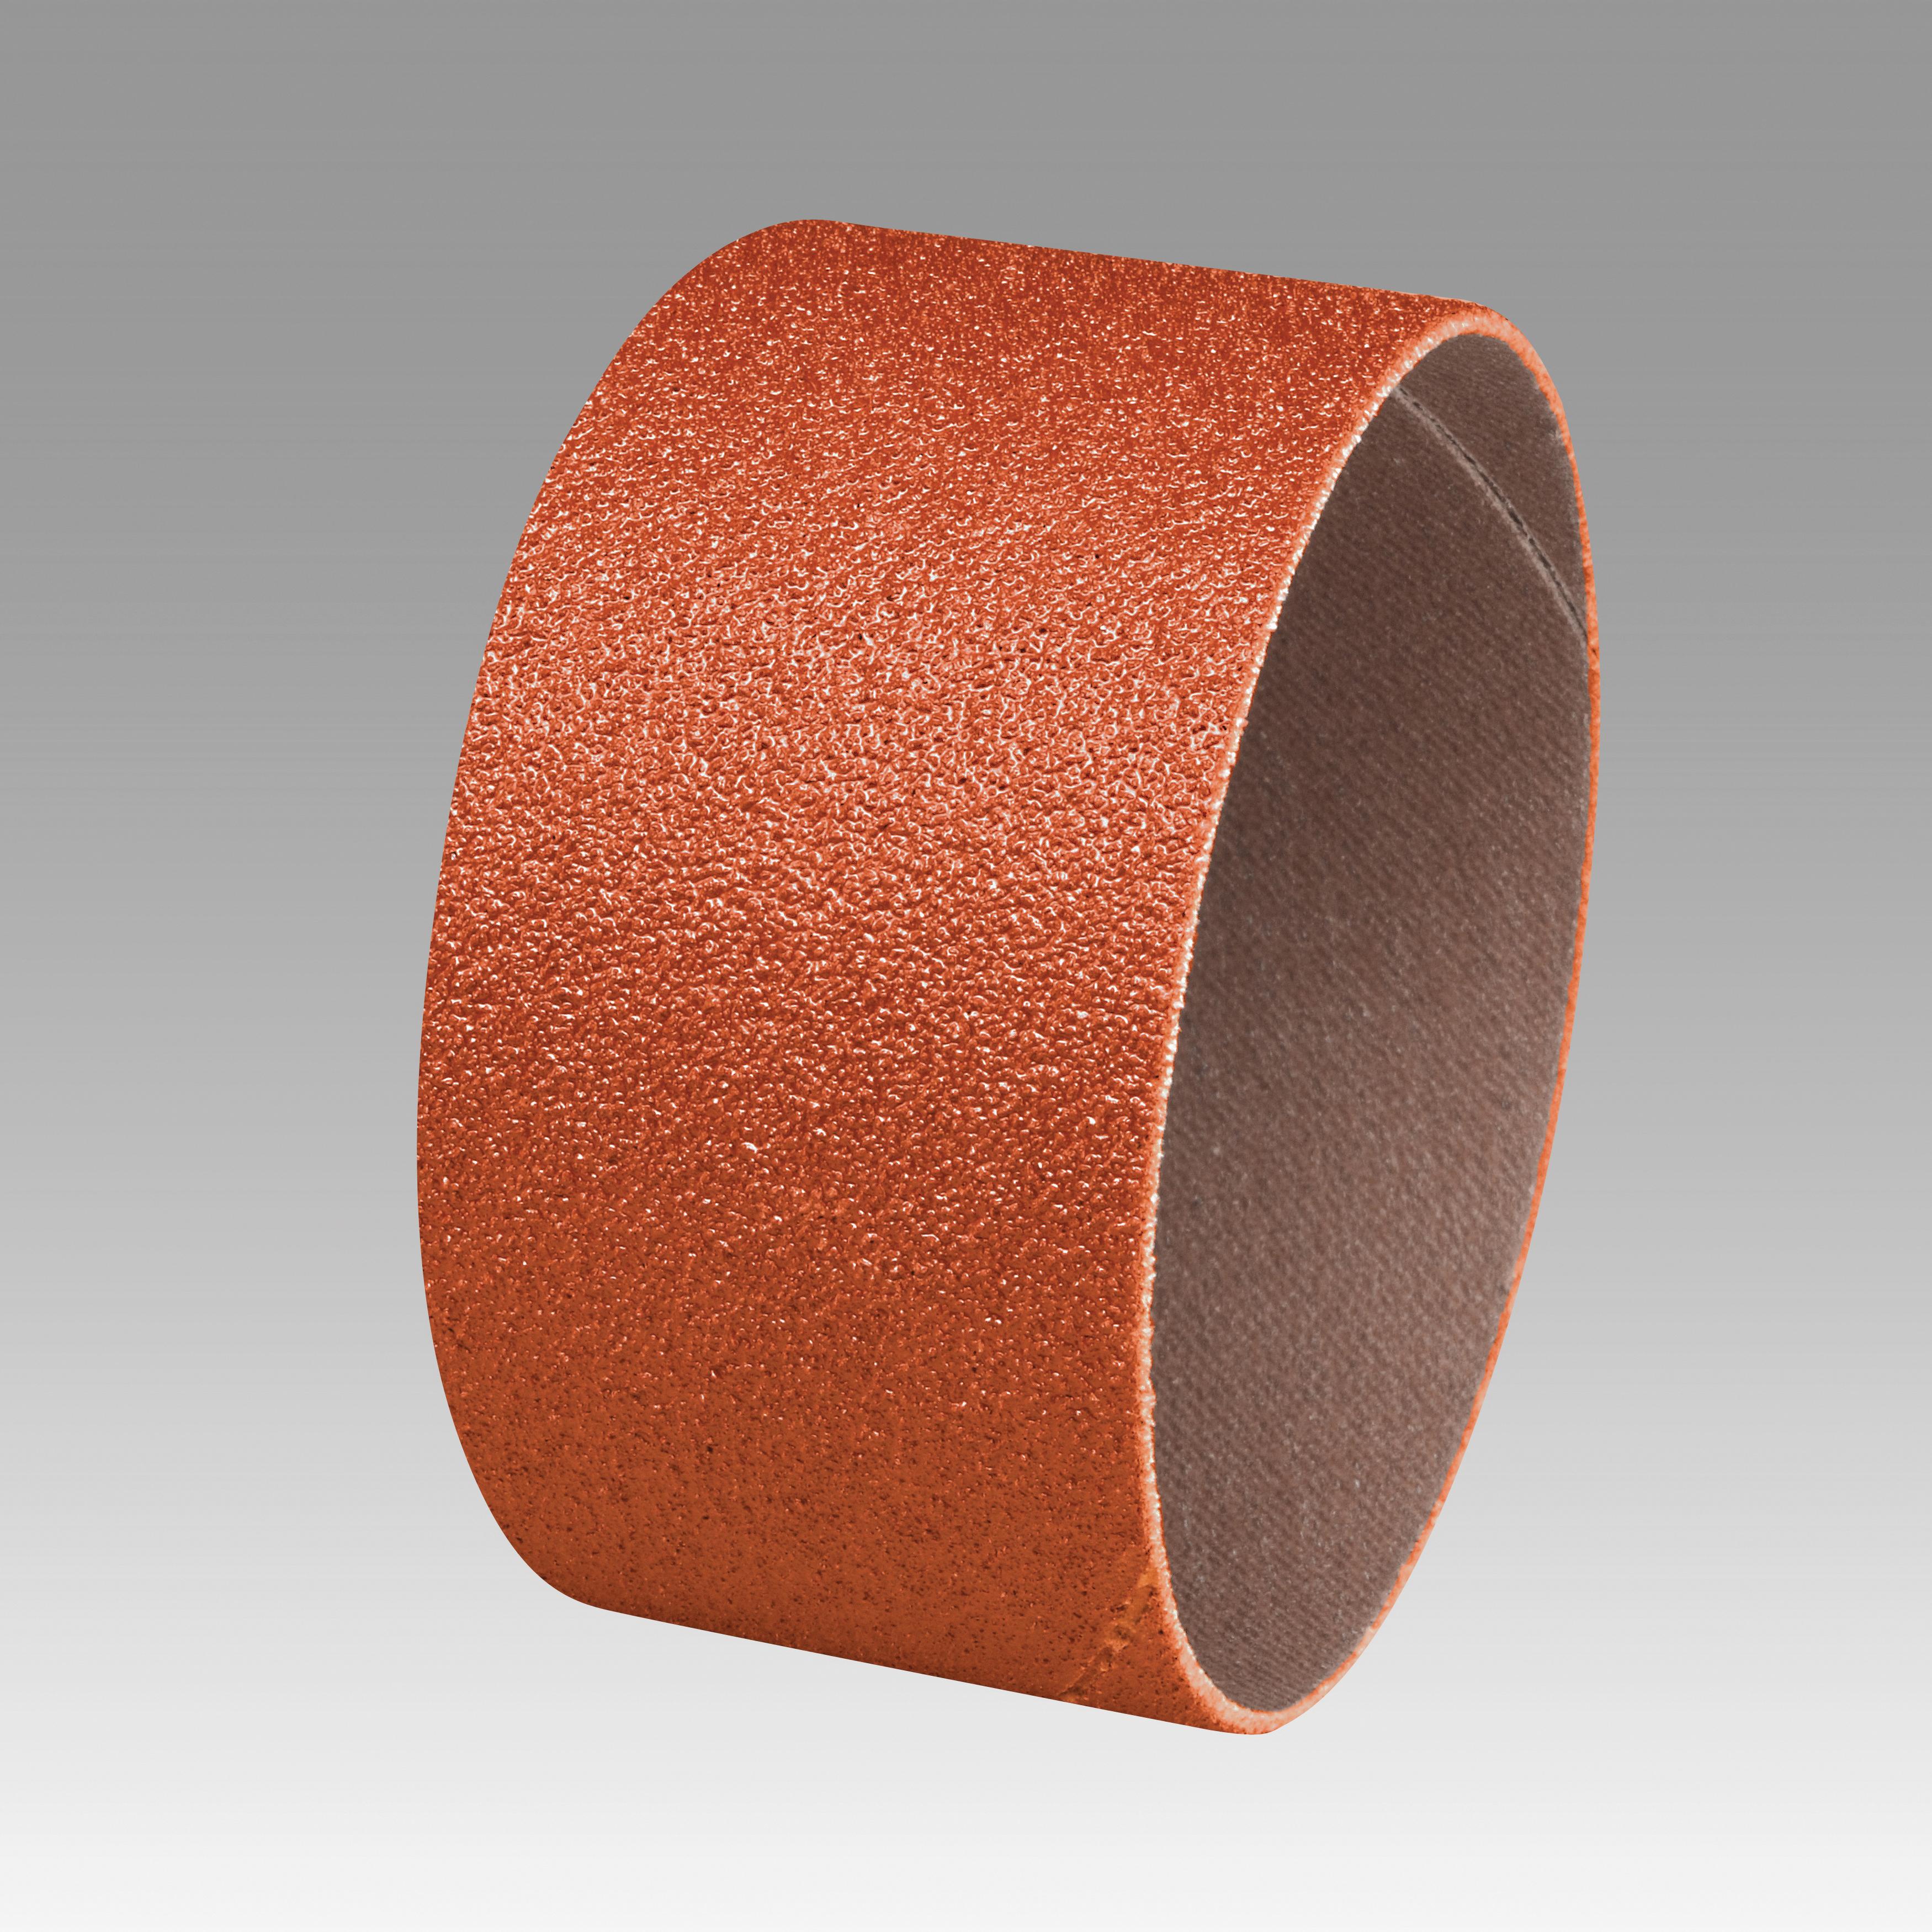 3M™ 051144-80772 Closed Coat Spiral Band, 3 in Dia x 1 in L, 60 Grit, Medium Grade, Ceramic Abrasive